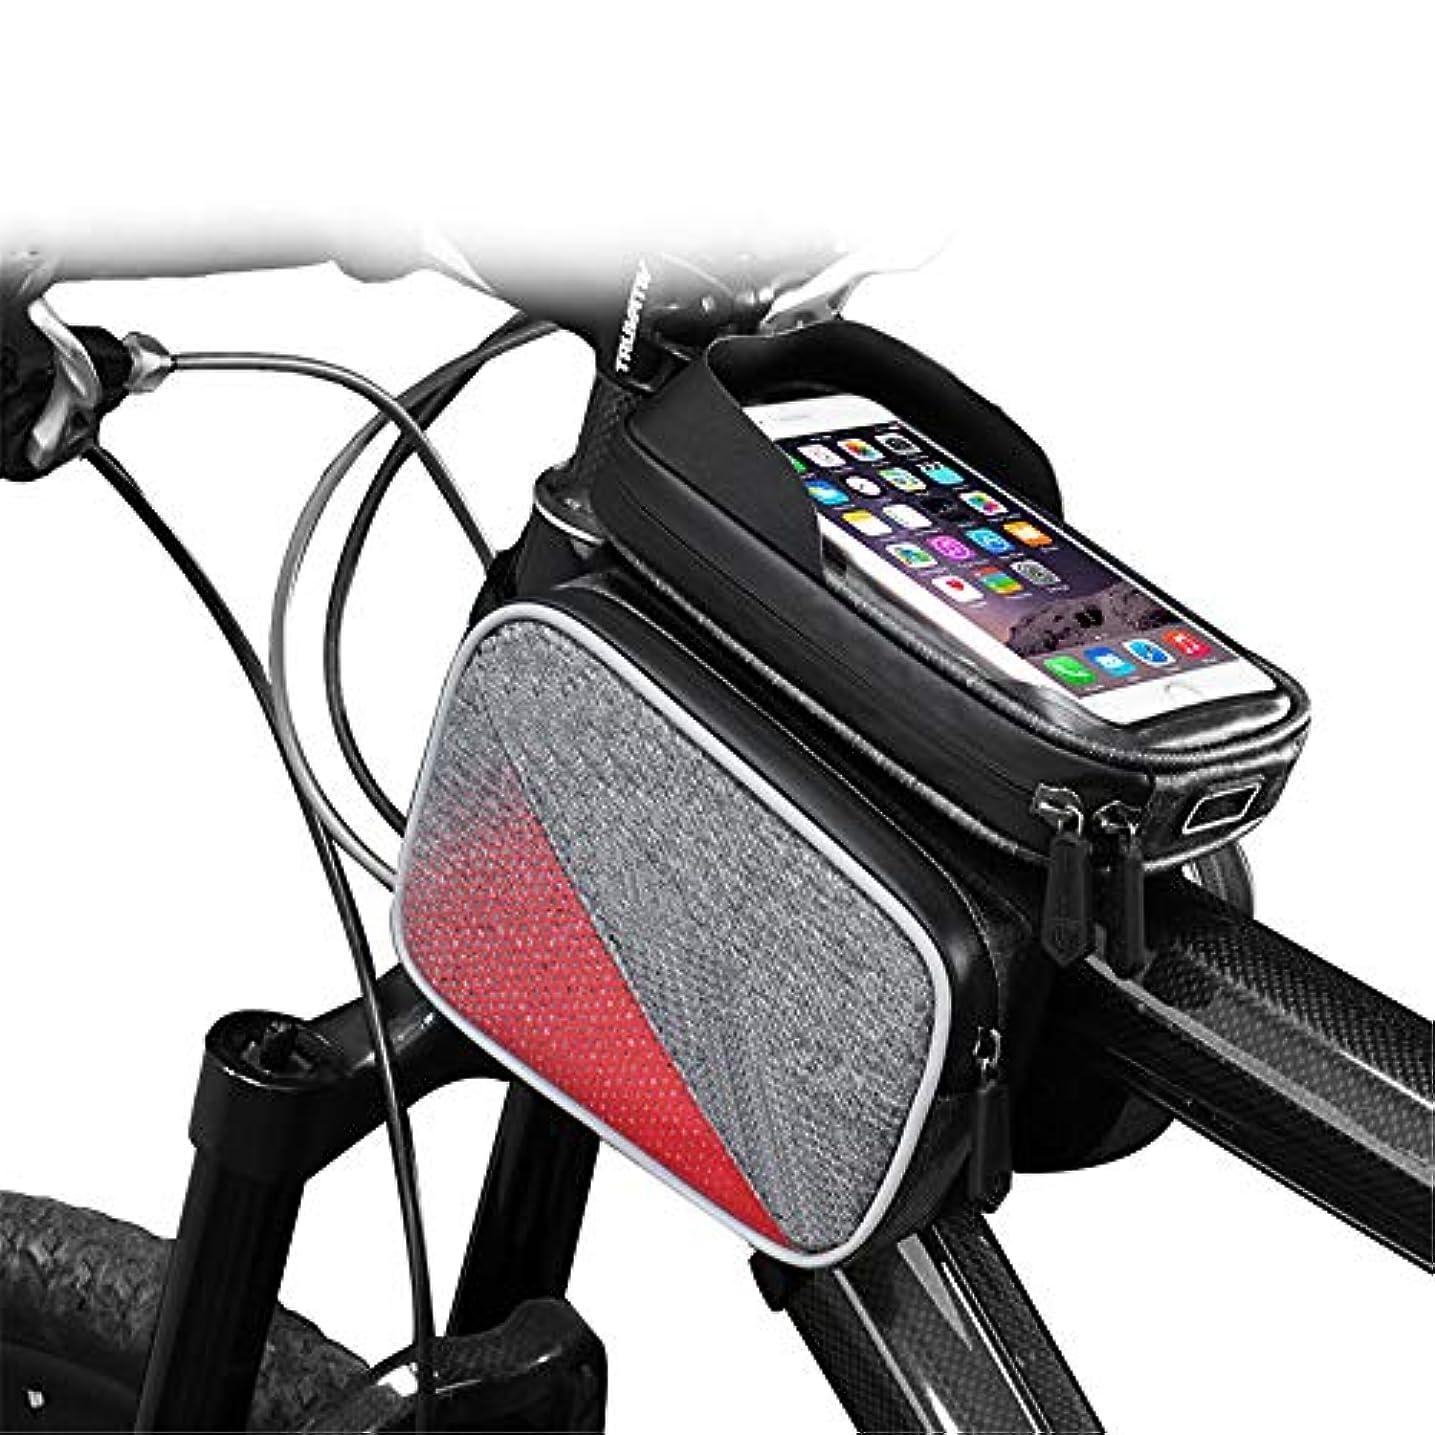 不利益小間草自転車シートパックバッグ自転車防水車のフロントバッグマウンテンバイクタッチスクリーンフロントビームバッグアッパーチューブバッグ用6.0